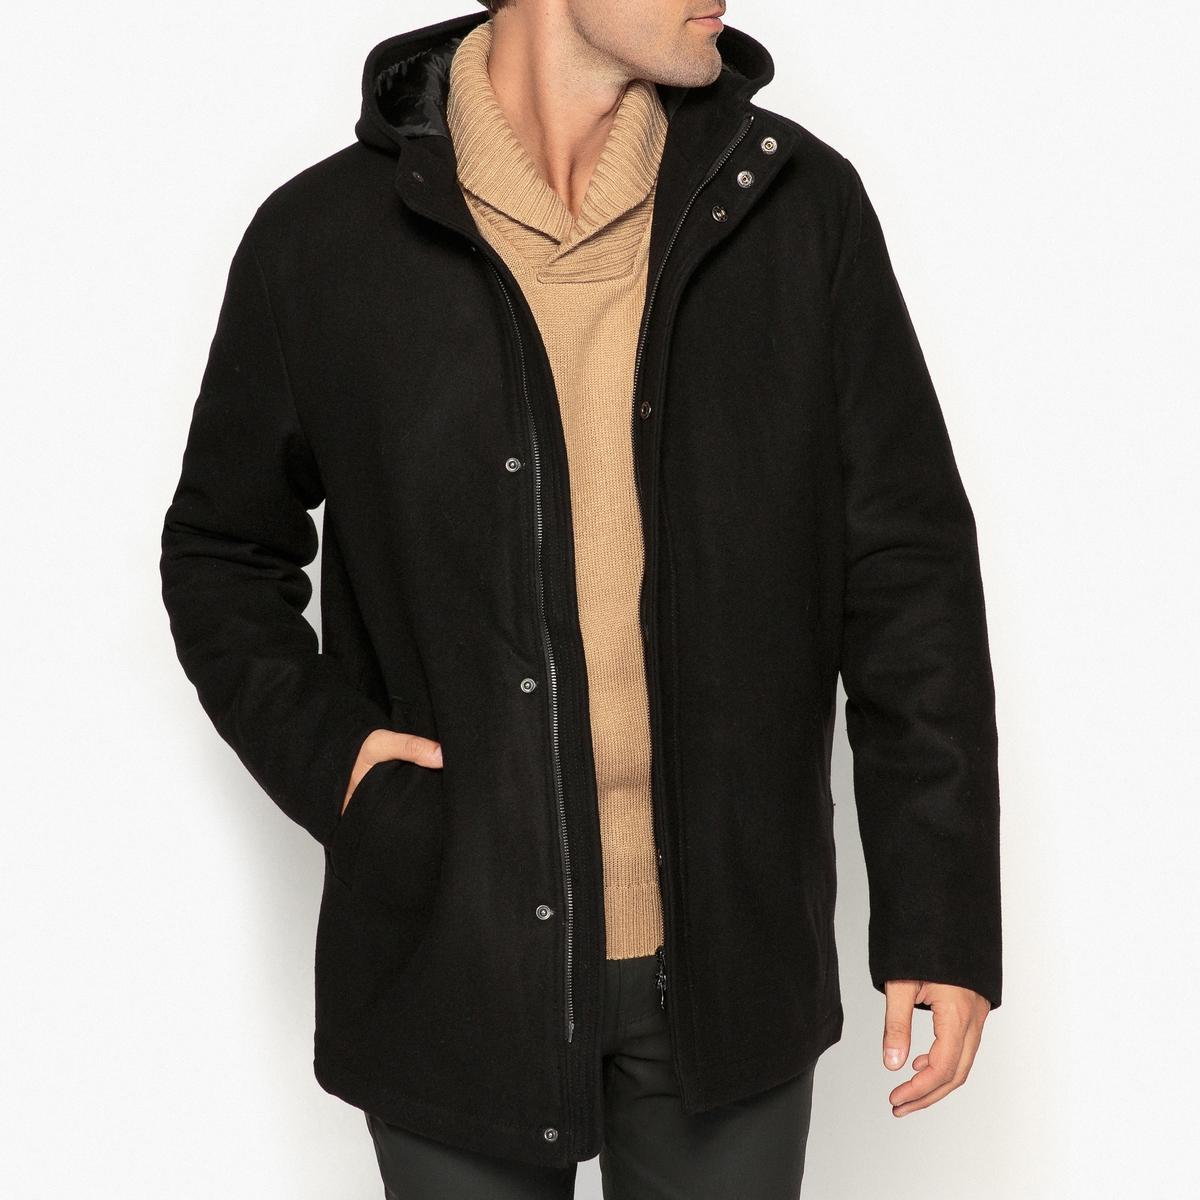 Пальто на молнии с капюшоном из шерстяного драпа пальто шинель из шерстяного драпа